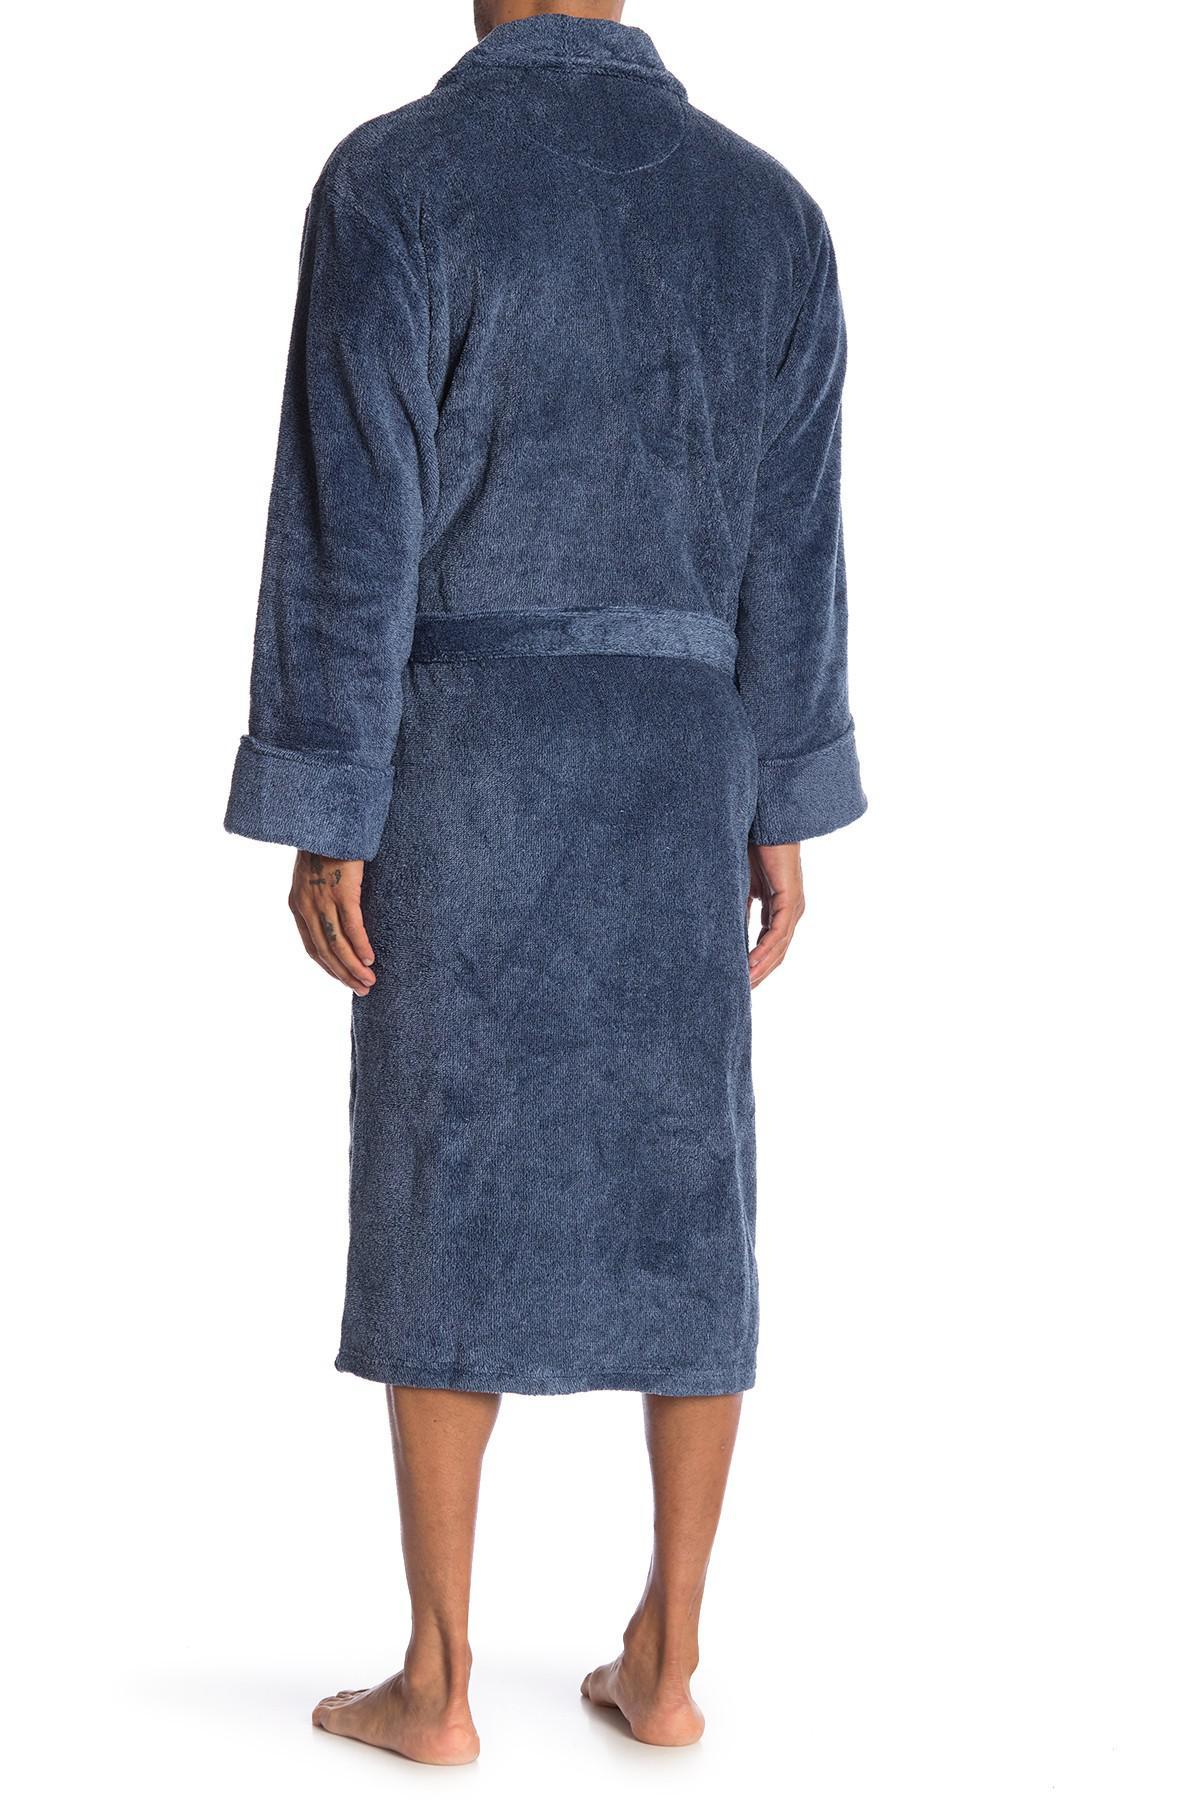 Daniel Buchler - Blue Heather Soft Robe for Men - Lyst. View fullscreen 4a6b04fda